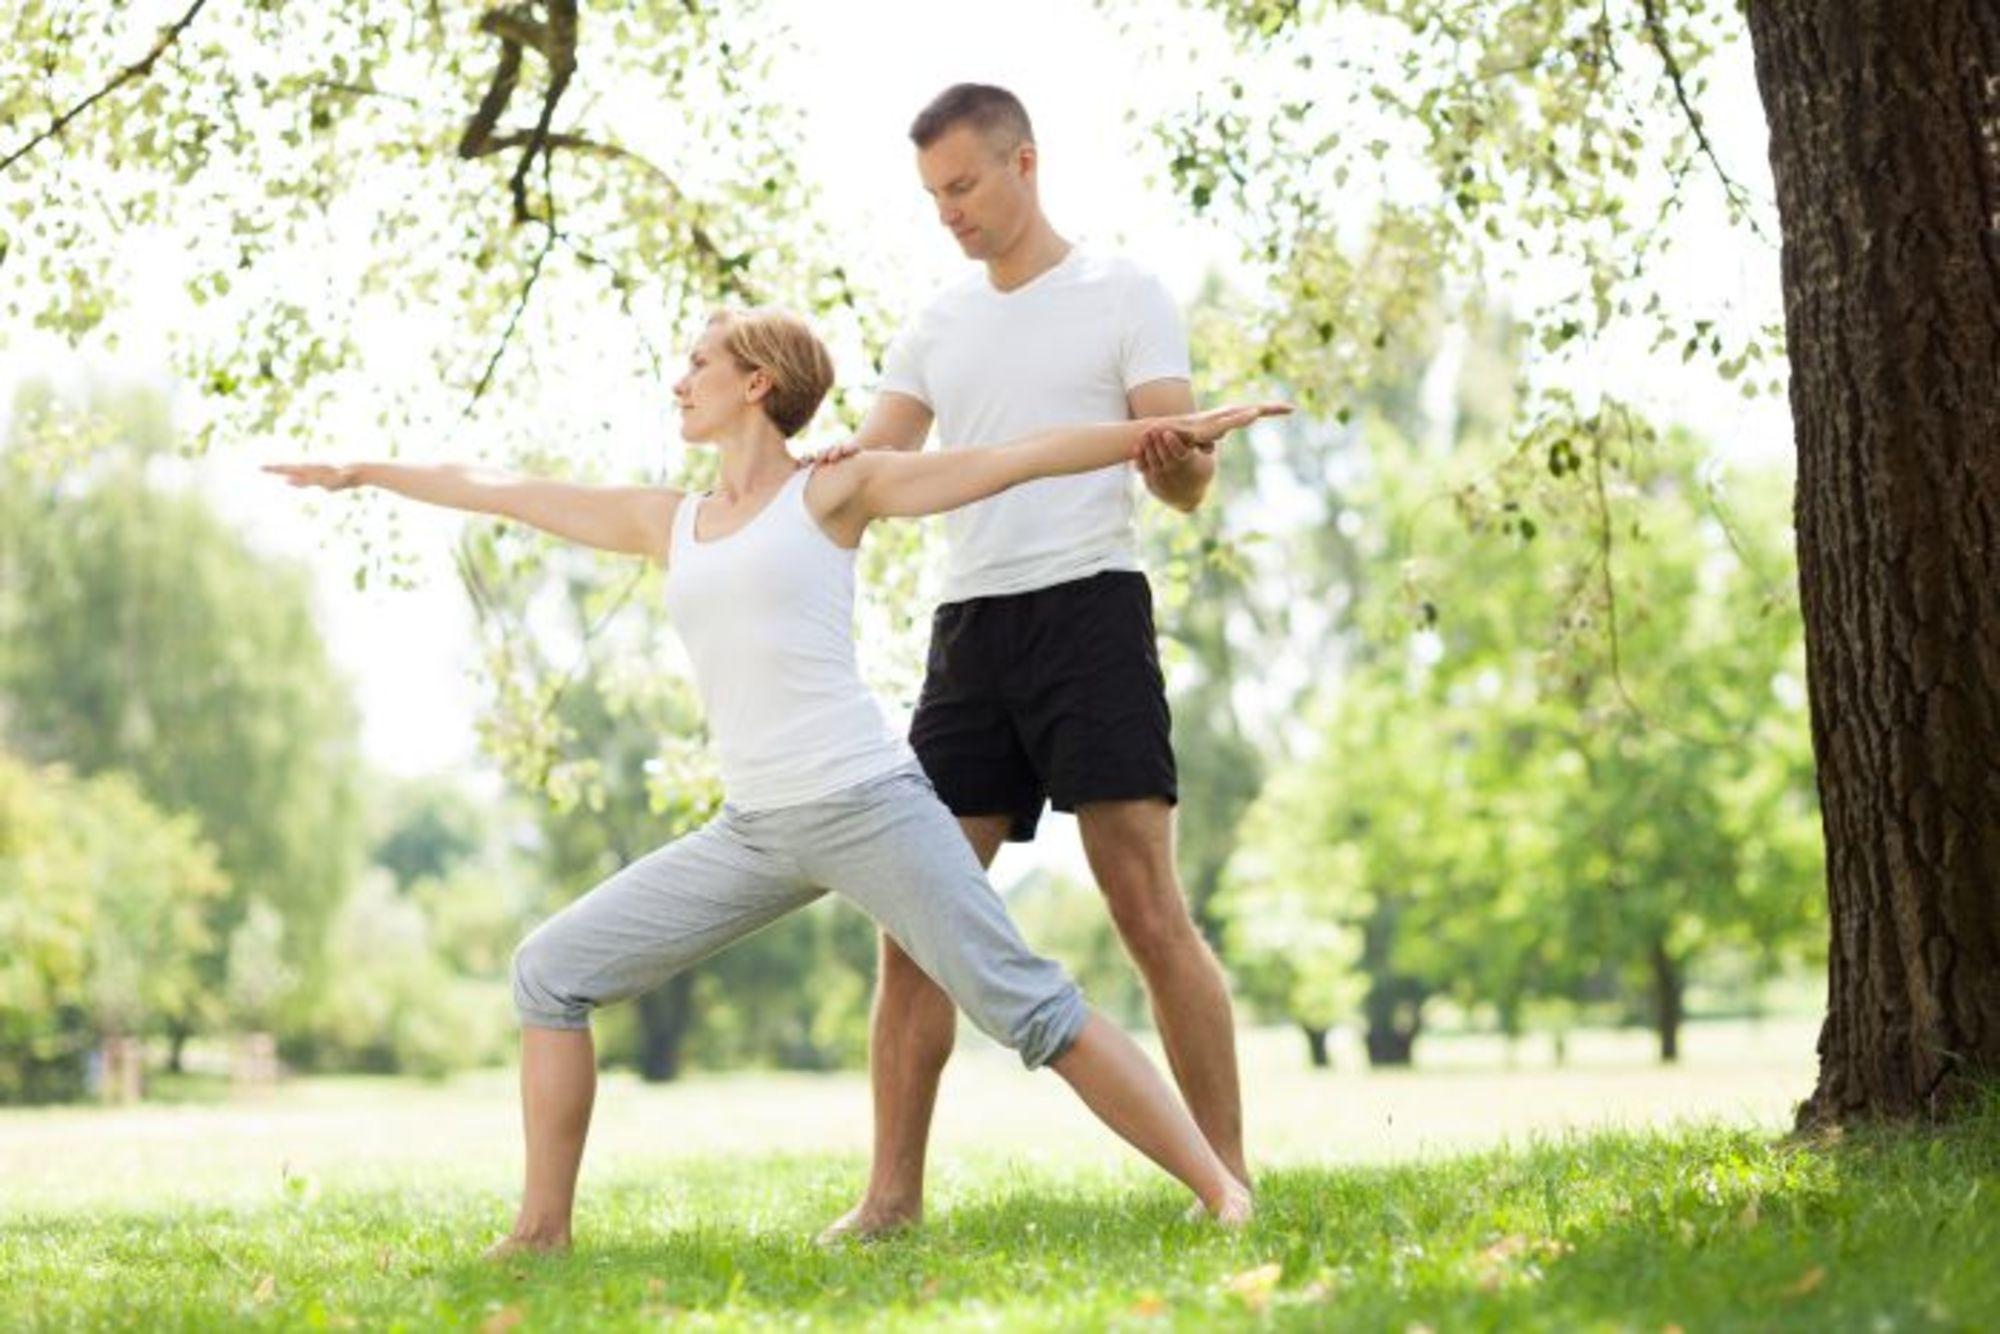 Hátrány-e, ha nők és férfiak együtt jógáznak?